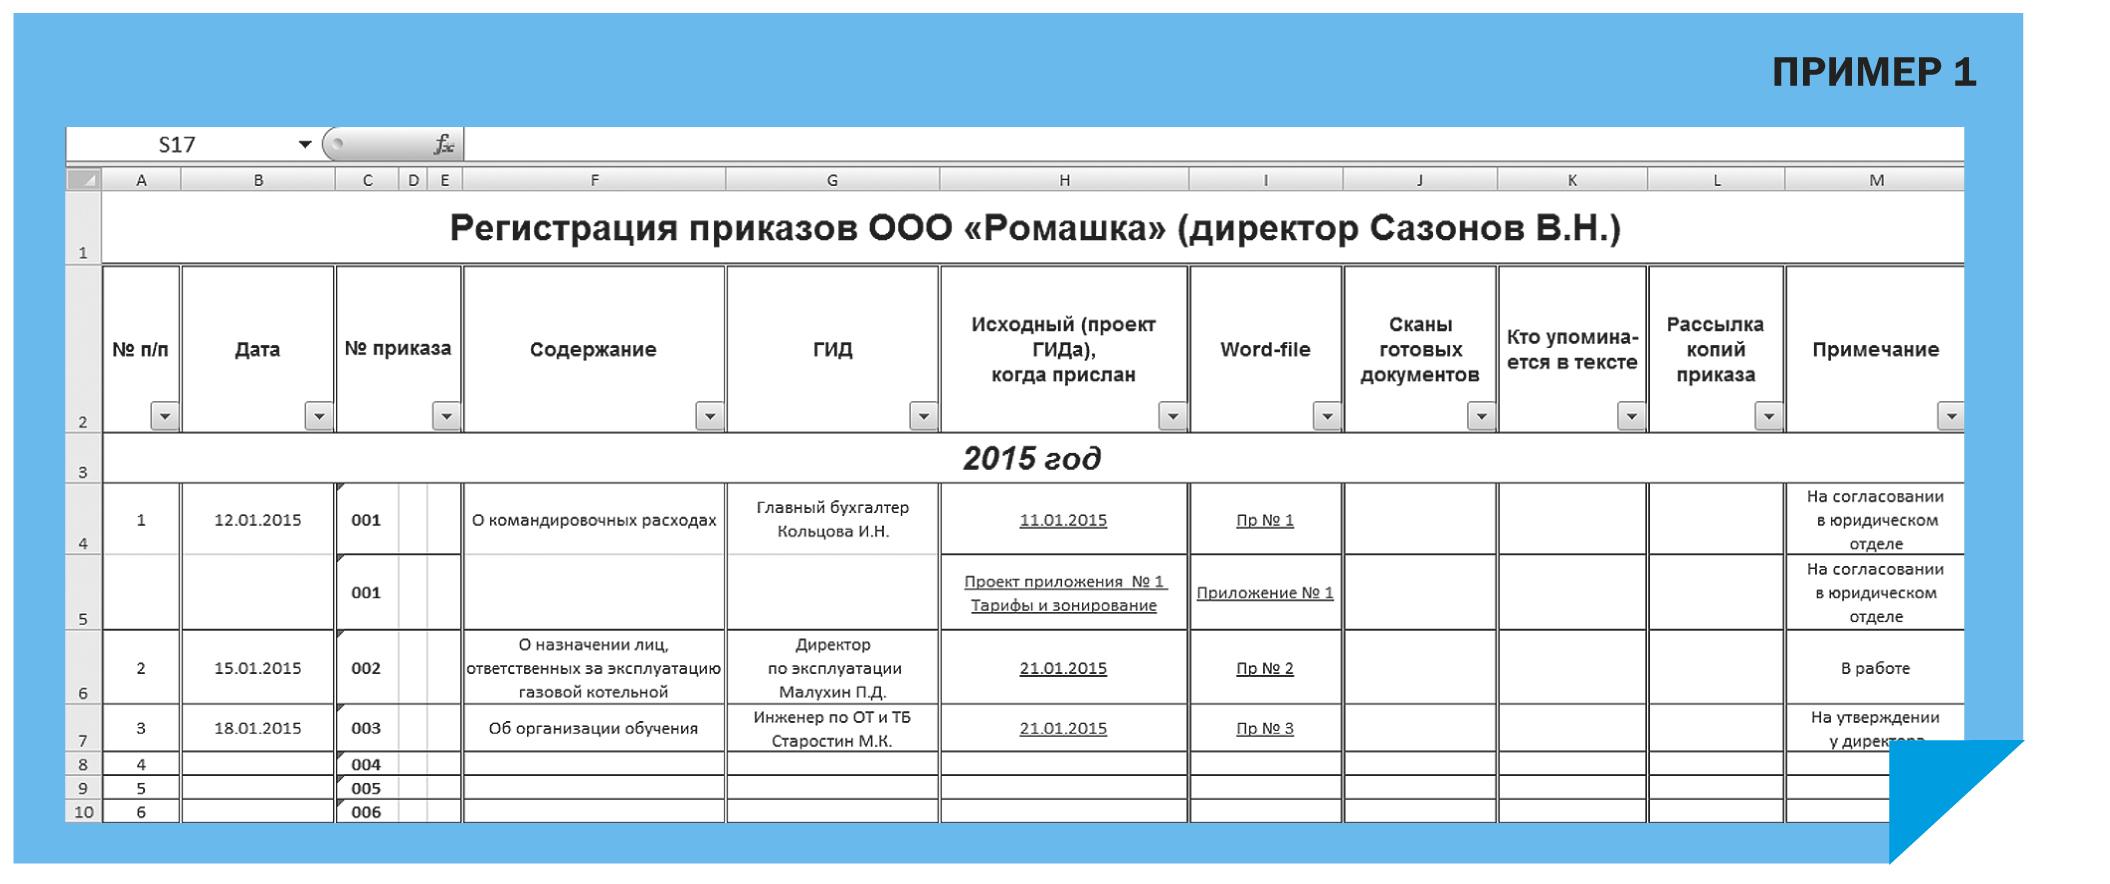 6168026433 сведения из единого реестра малого и среднего предпринимательства